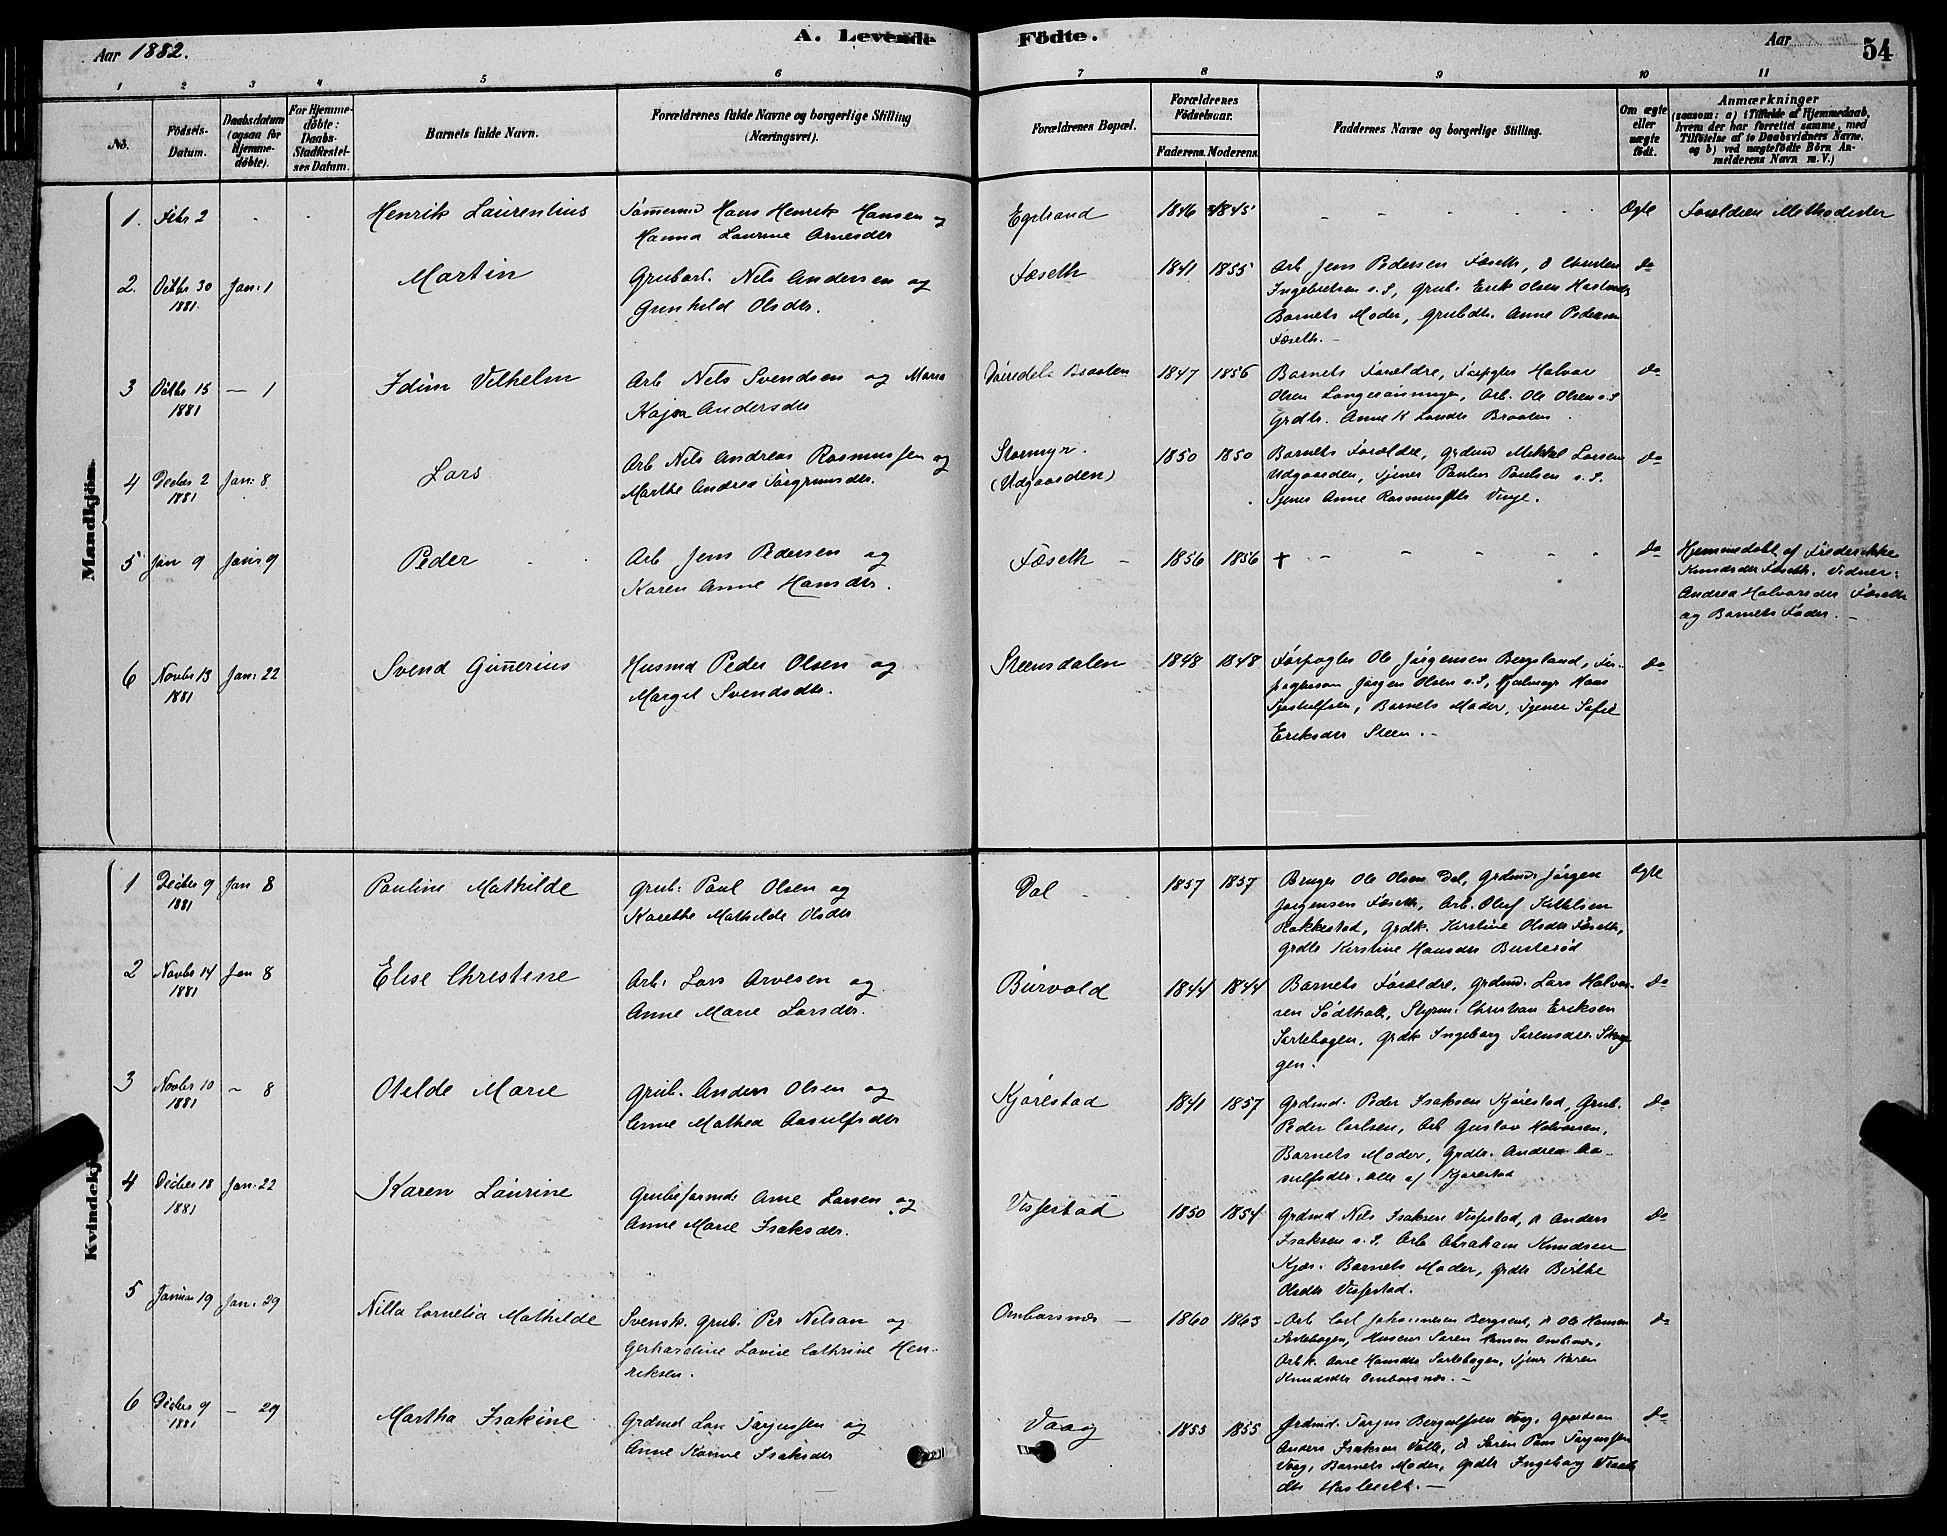 SAKO, Bamble kirkebøker, G/Ga/L0008: Klokkerbok nr. I 8, 1878-1888, s. 54